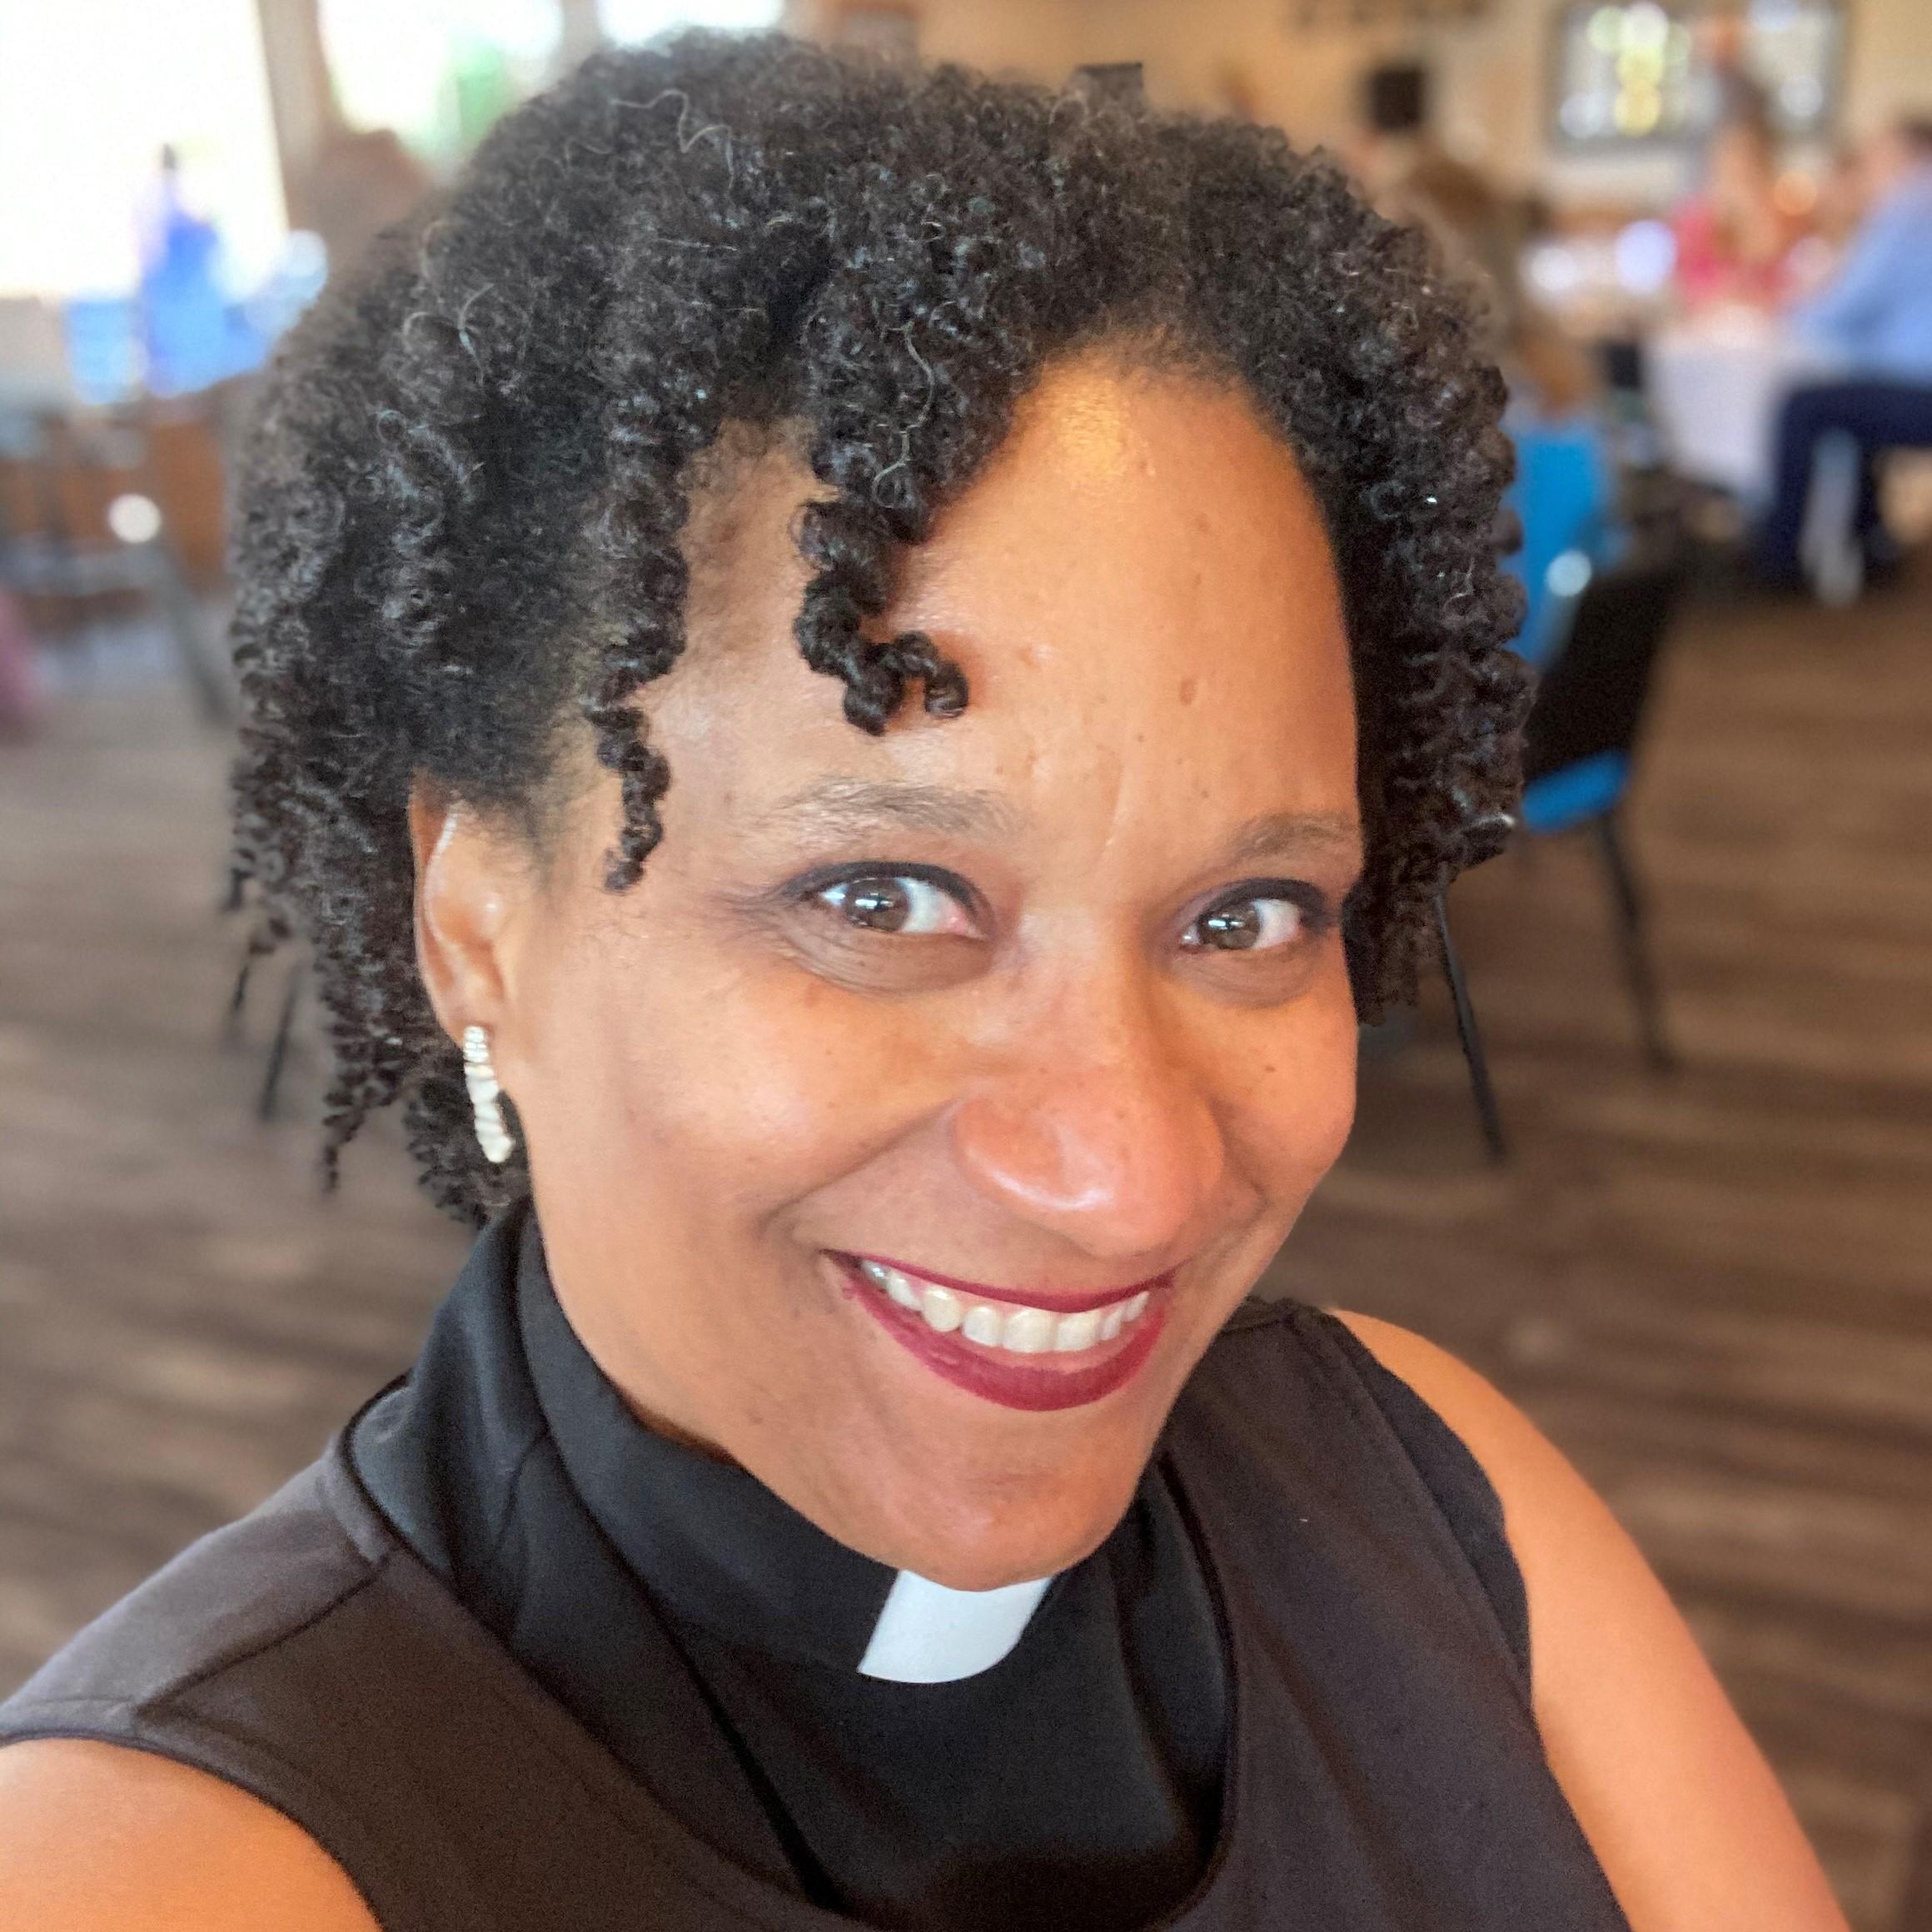 Rev. Yolanda Denson-Byers